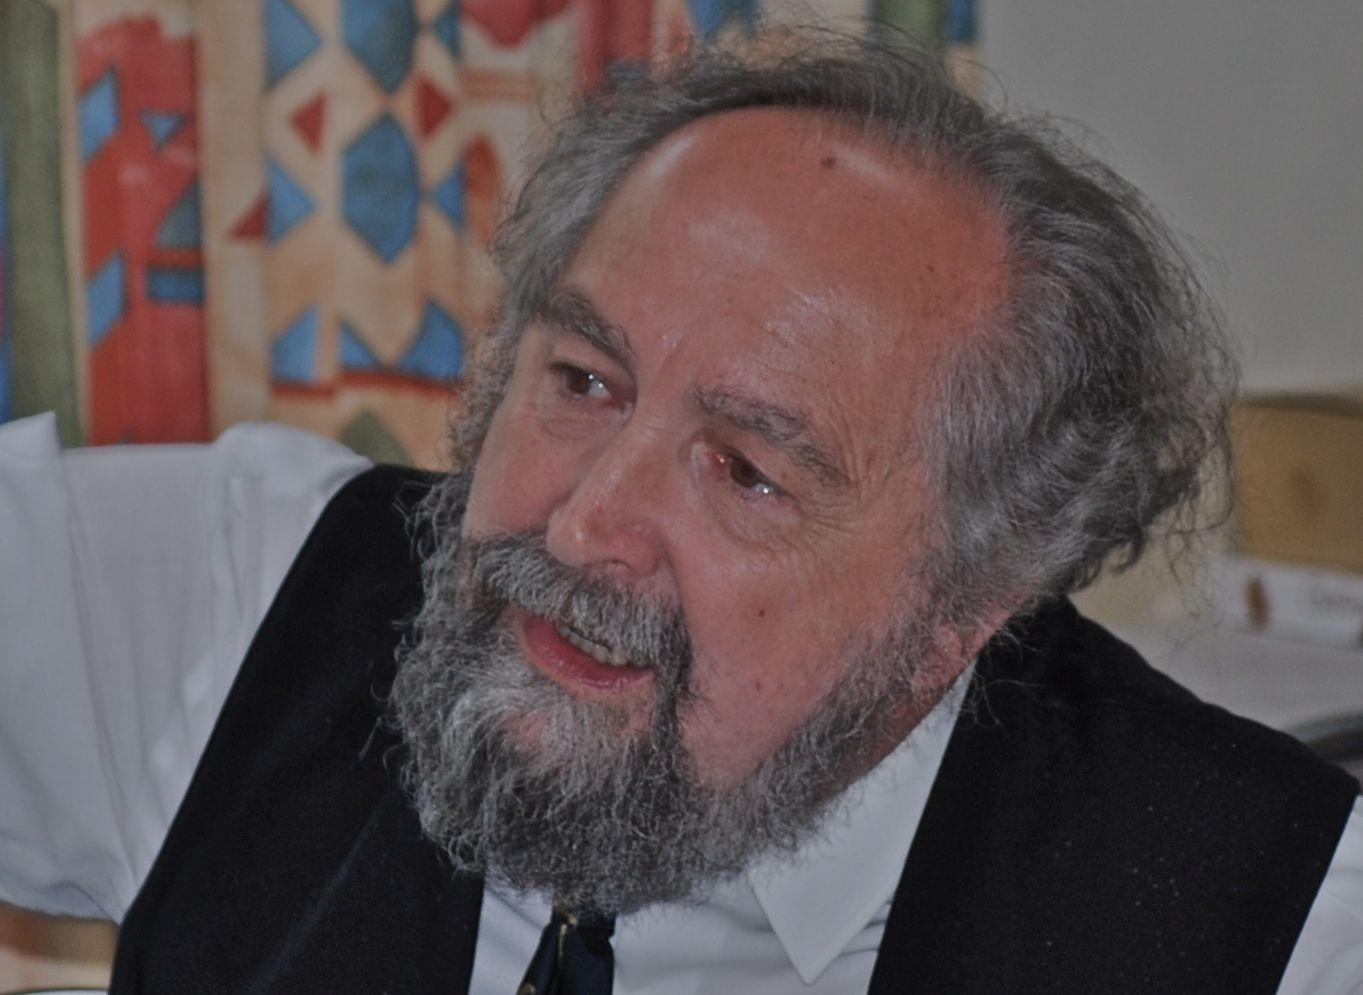 Paul Maes